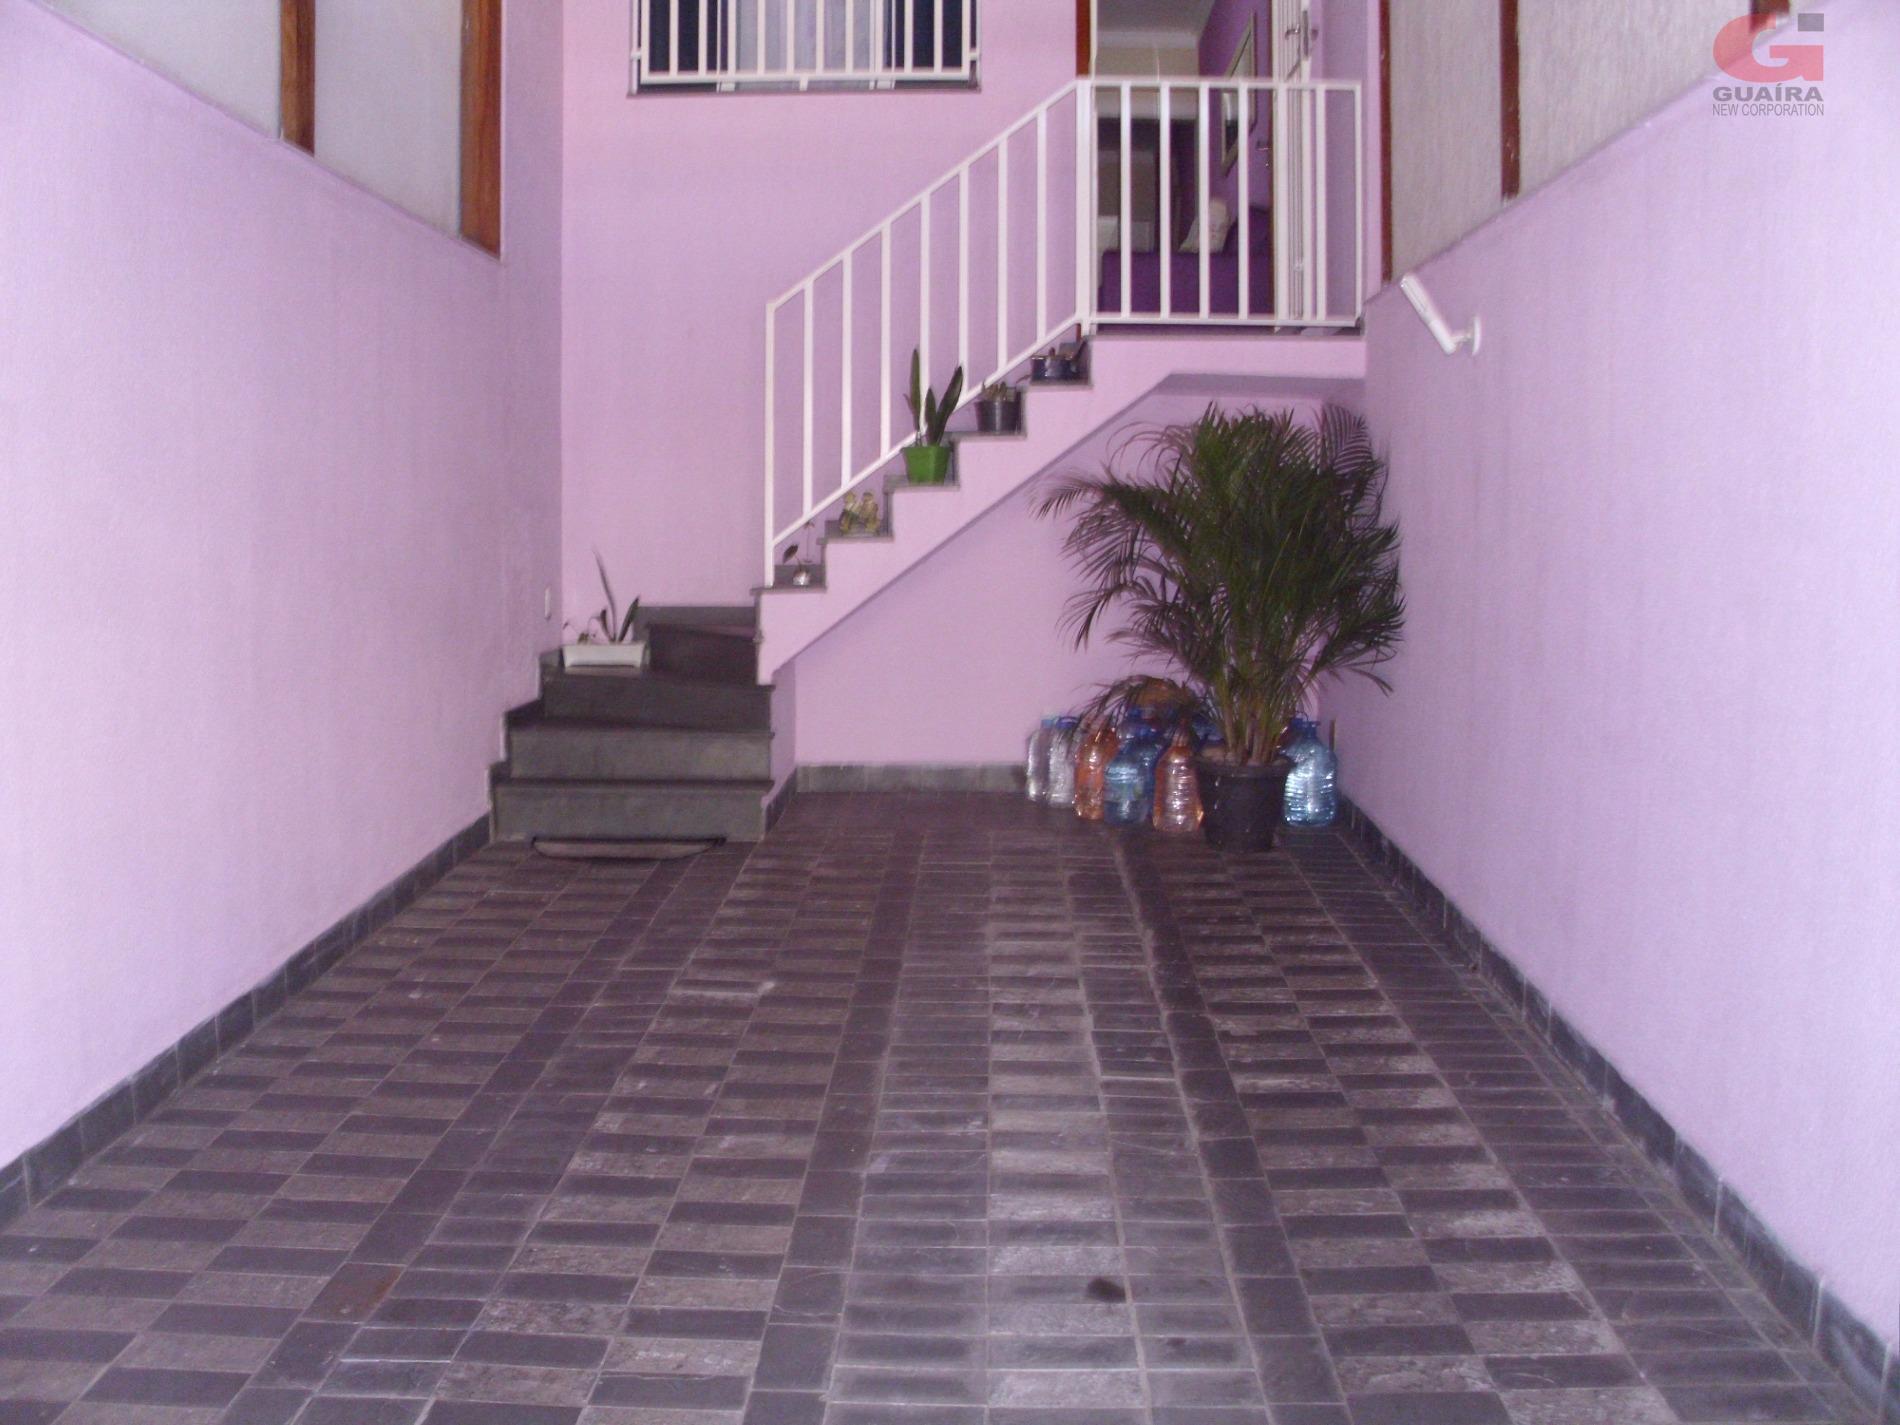 Sobrado de 2 dormitórios à venda em Vila Linda, Santo André - SP